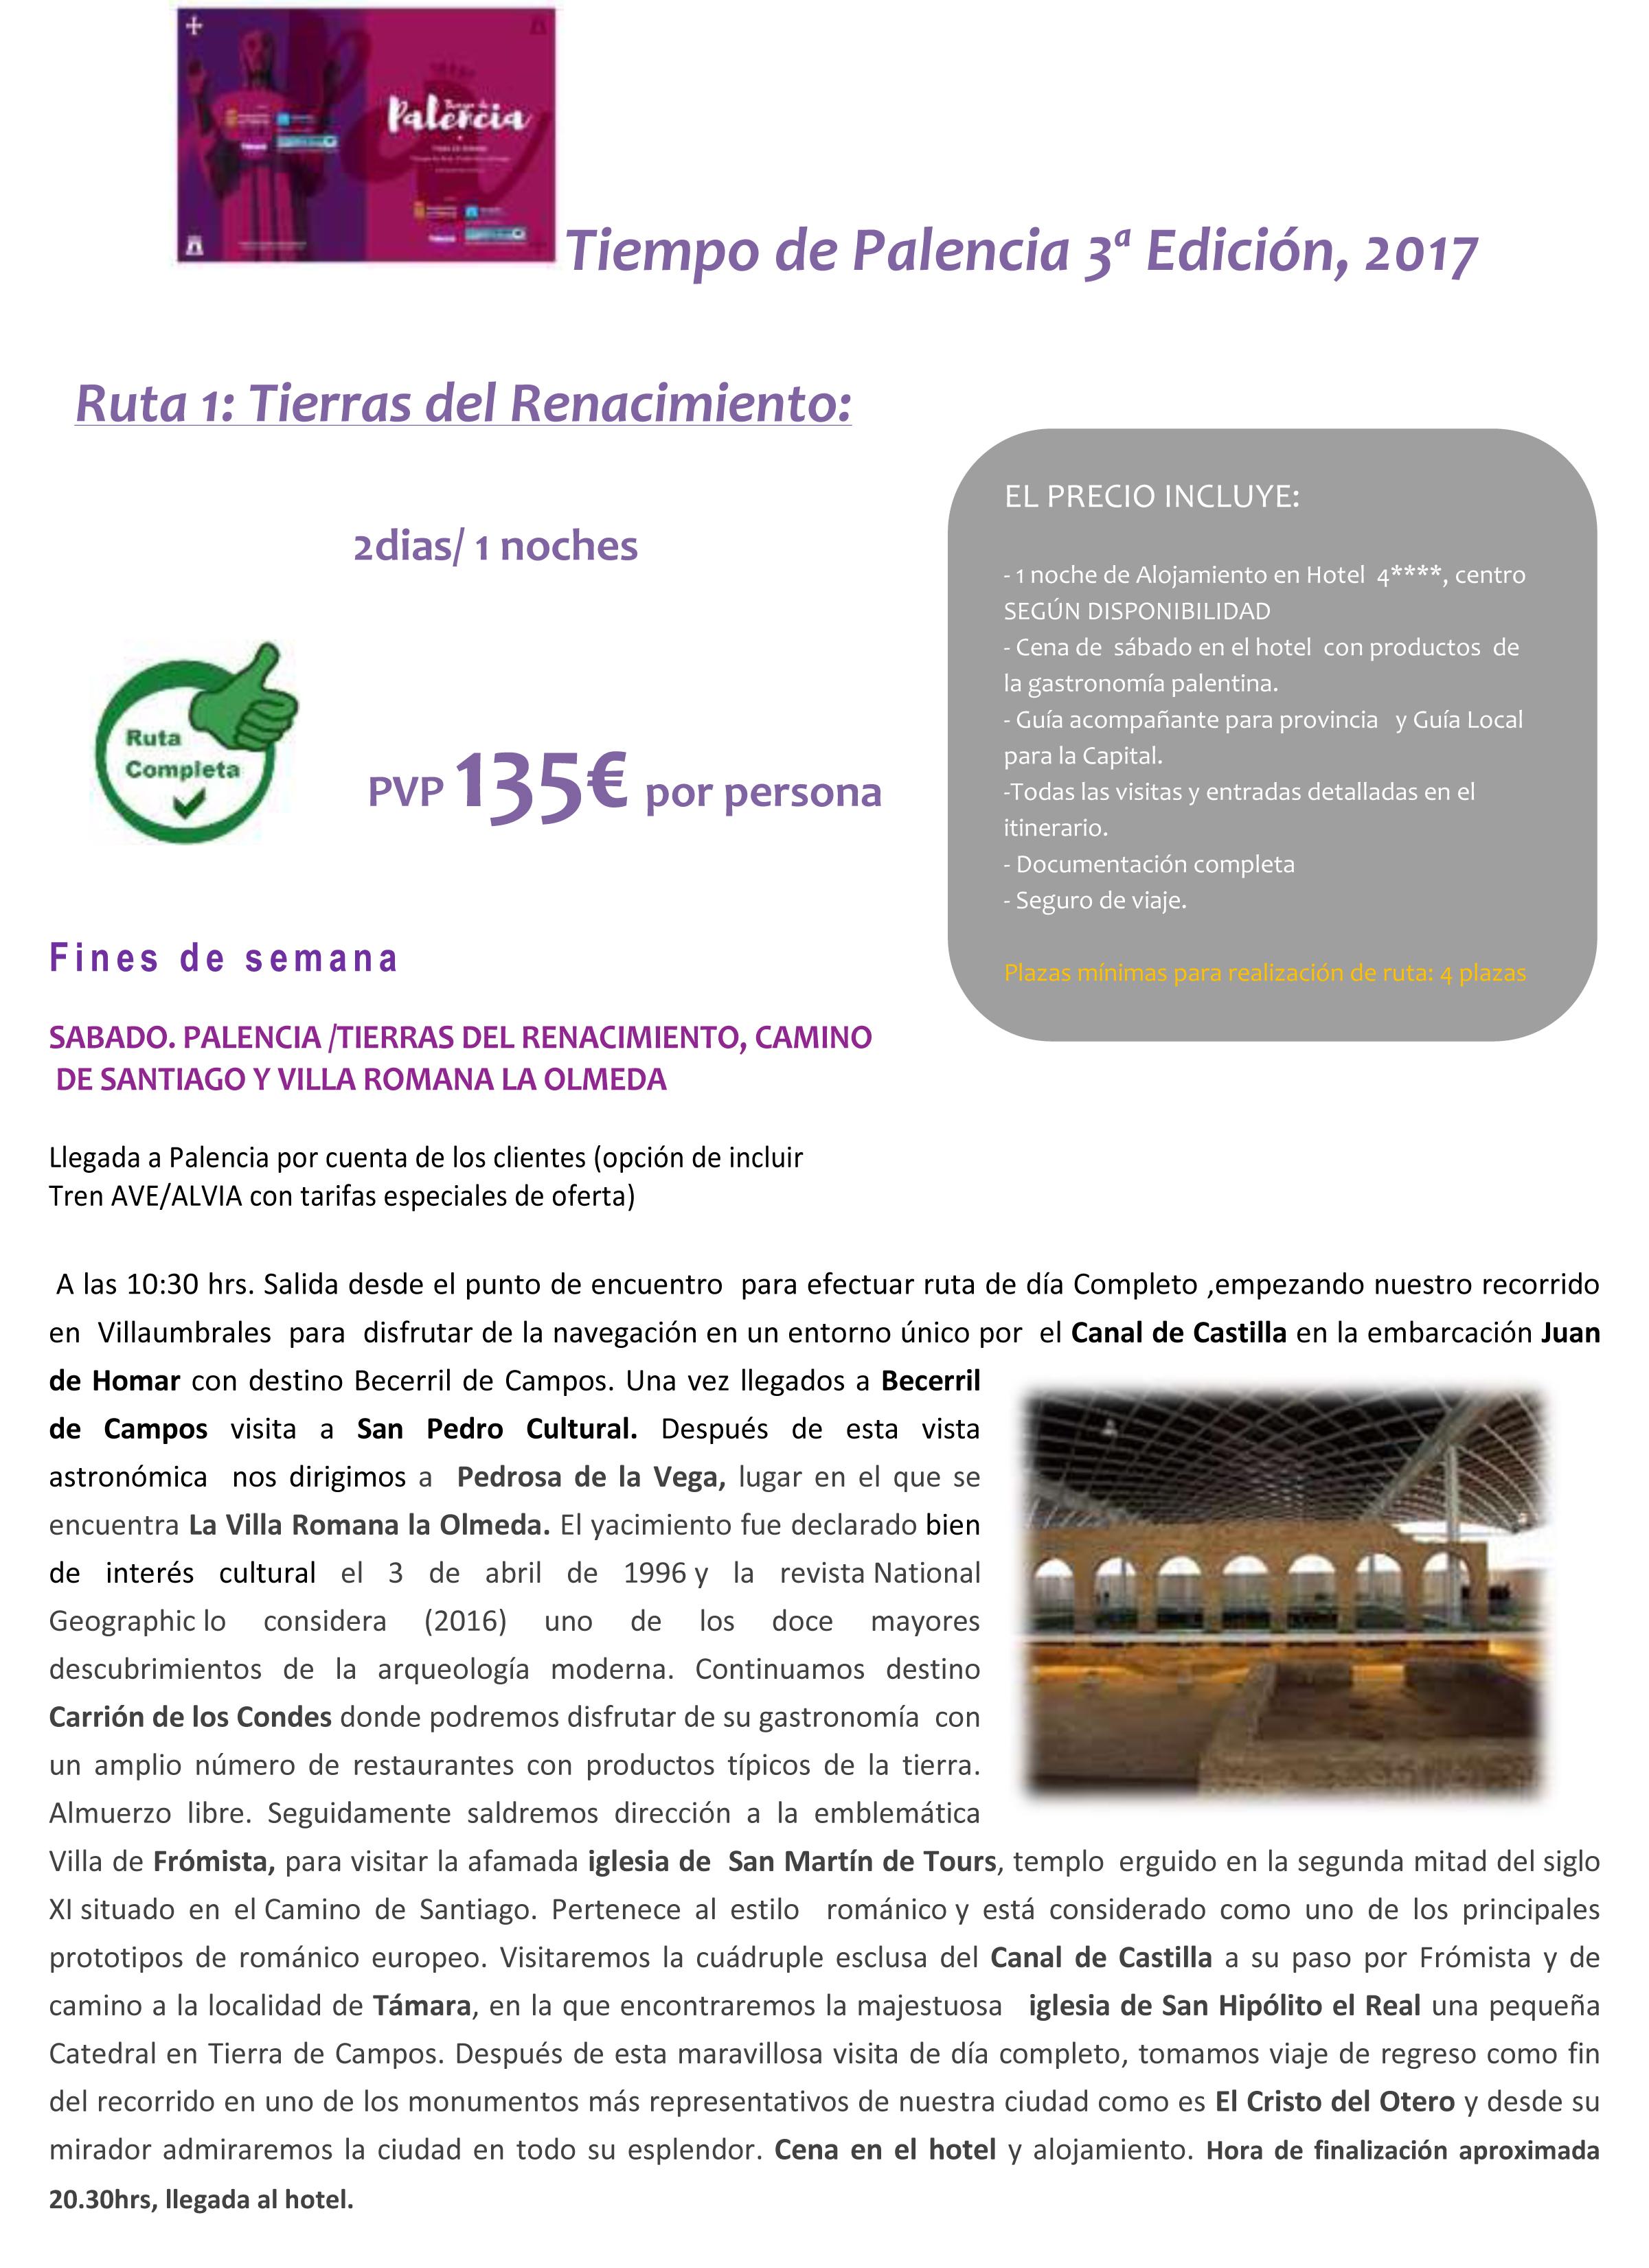 tiempo-de-palencia-visitas-y-rutas-_3-edicion-2017-para-web-viajes-spacio-libre-30-11-4